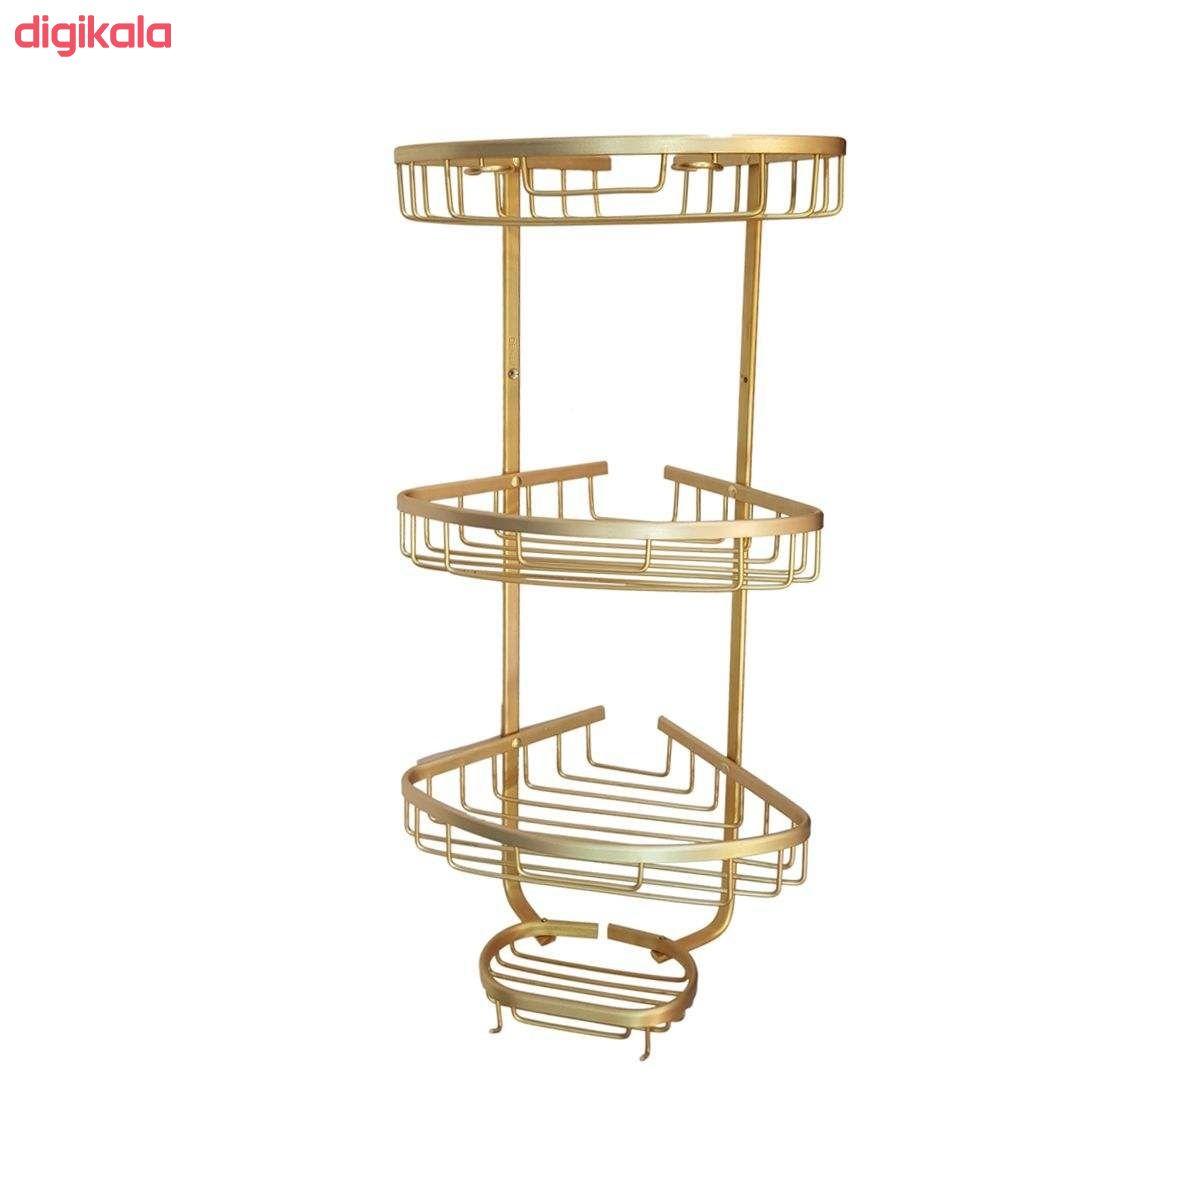 قفسه حمام مدل نوینGL1 main 1 2